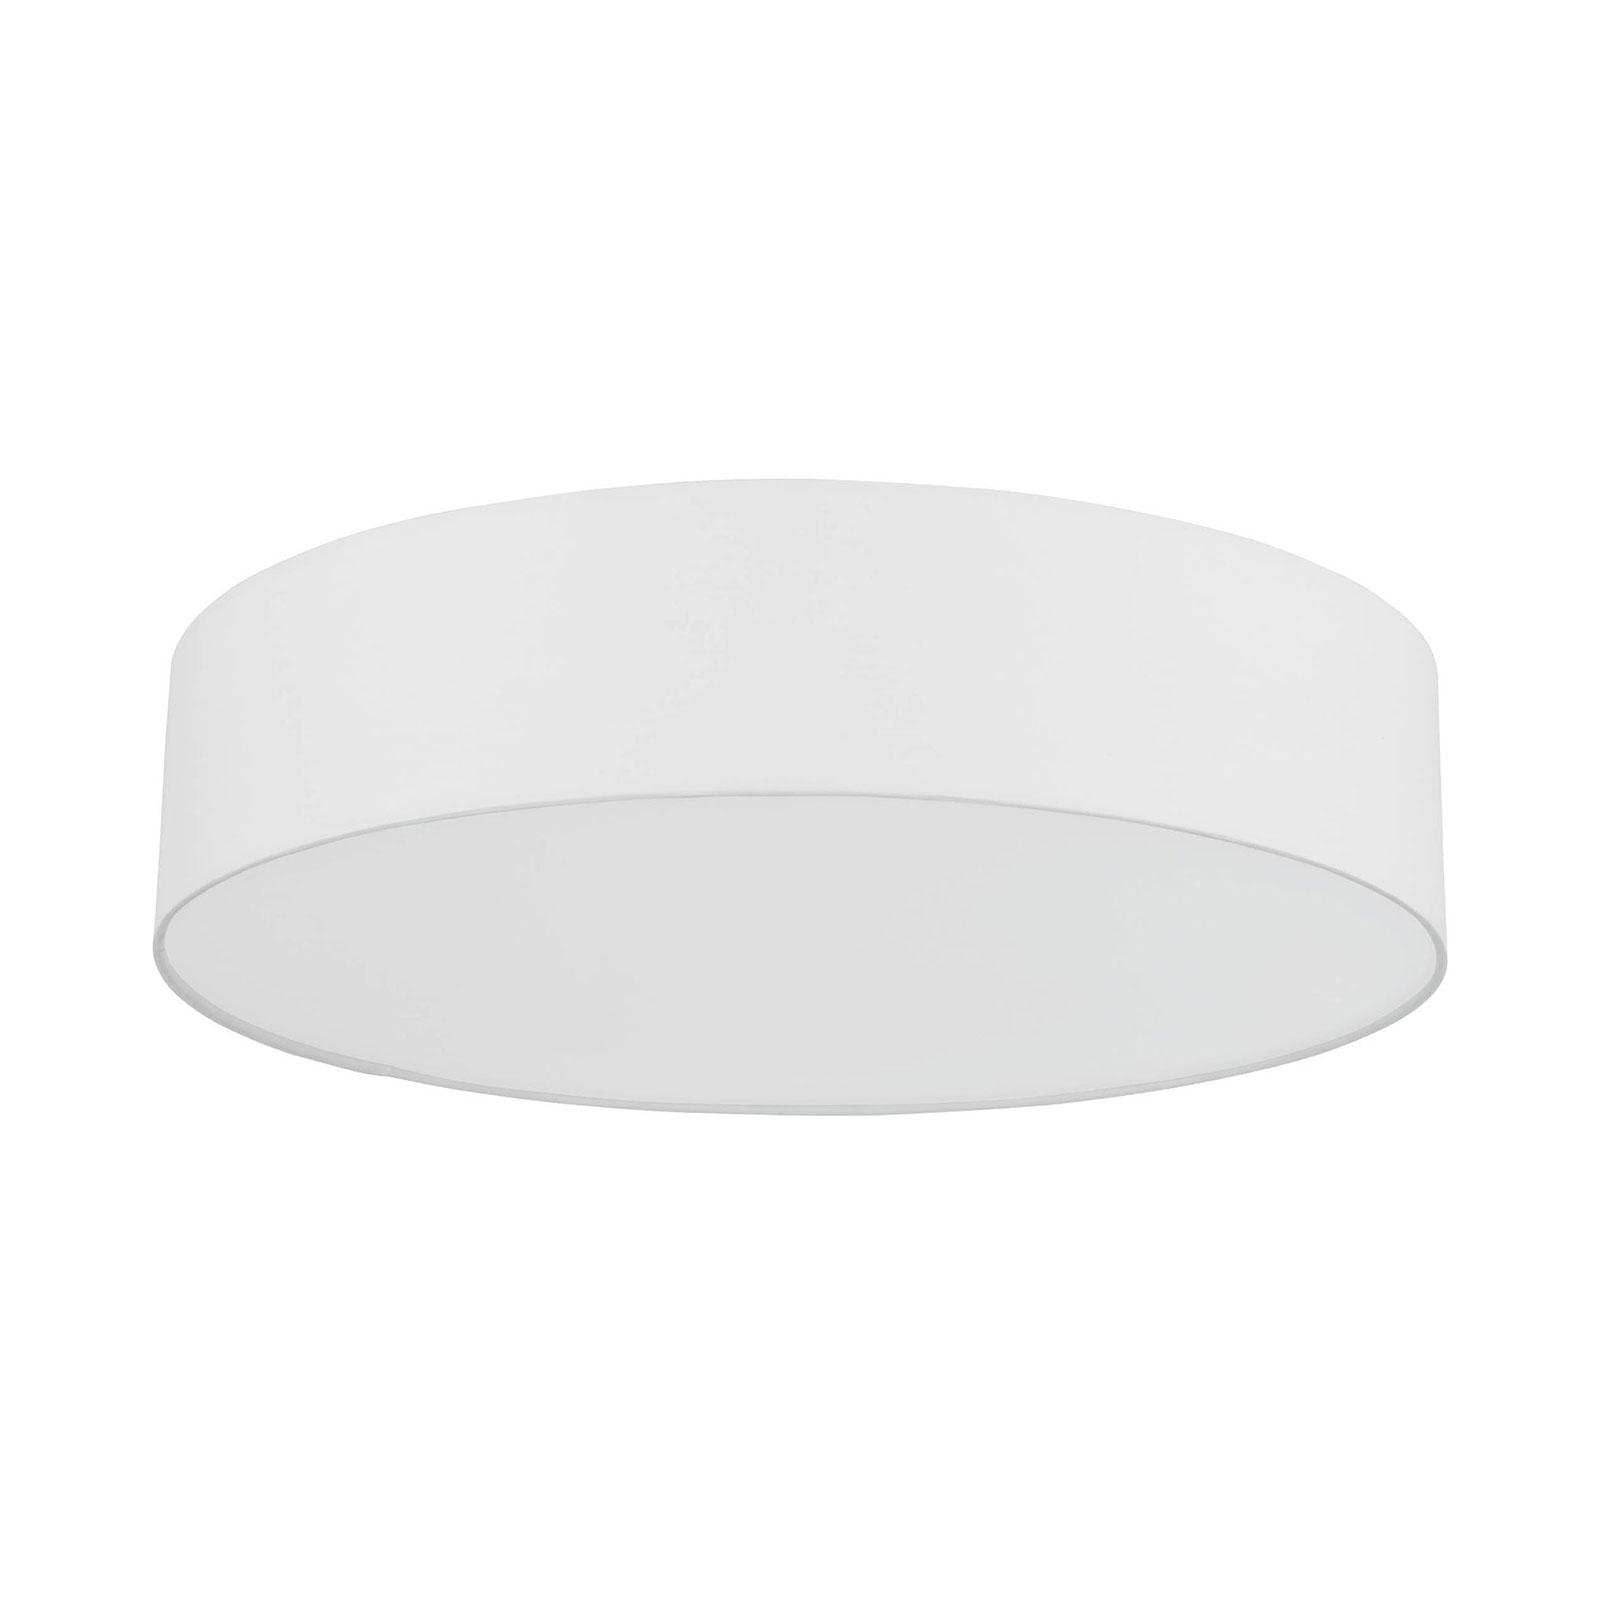 EGLO connect Ramao-C LED-taklampe hvit 57 cm